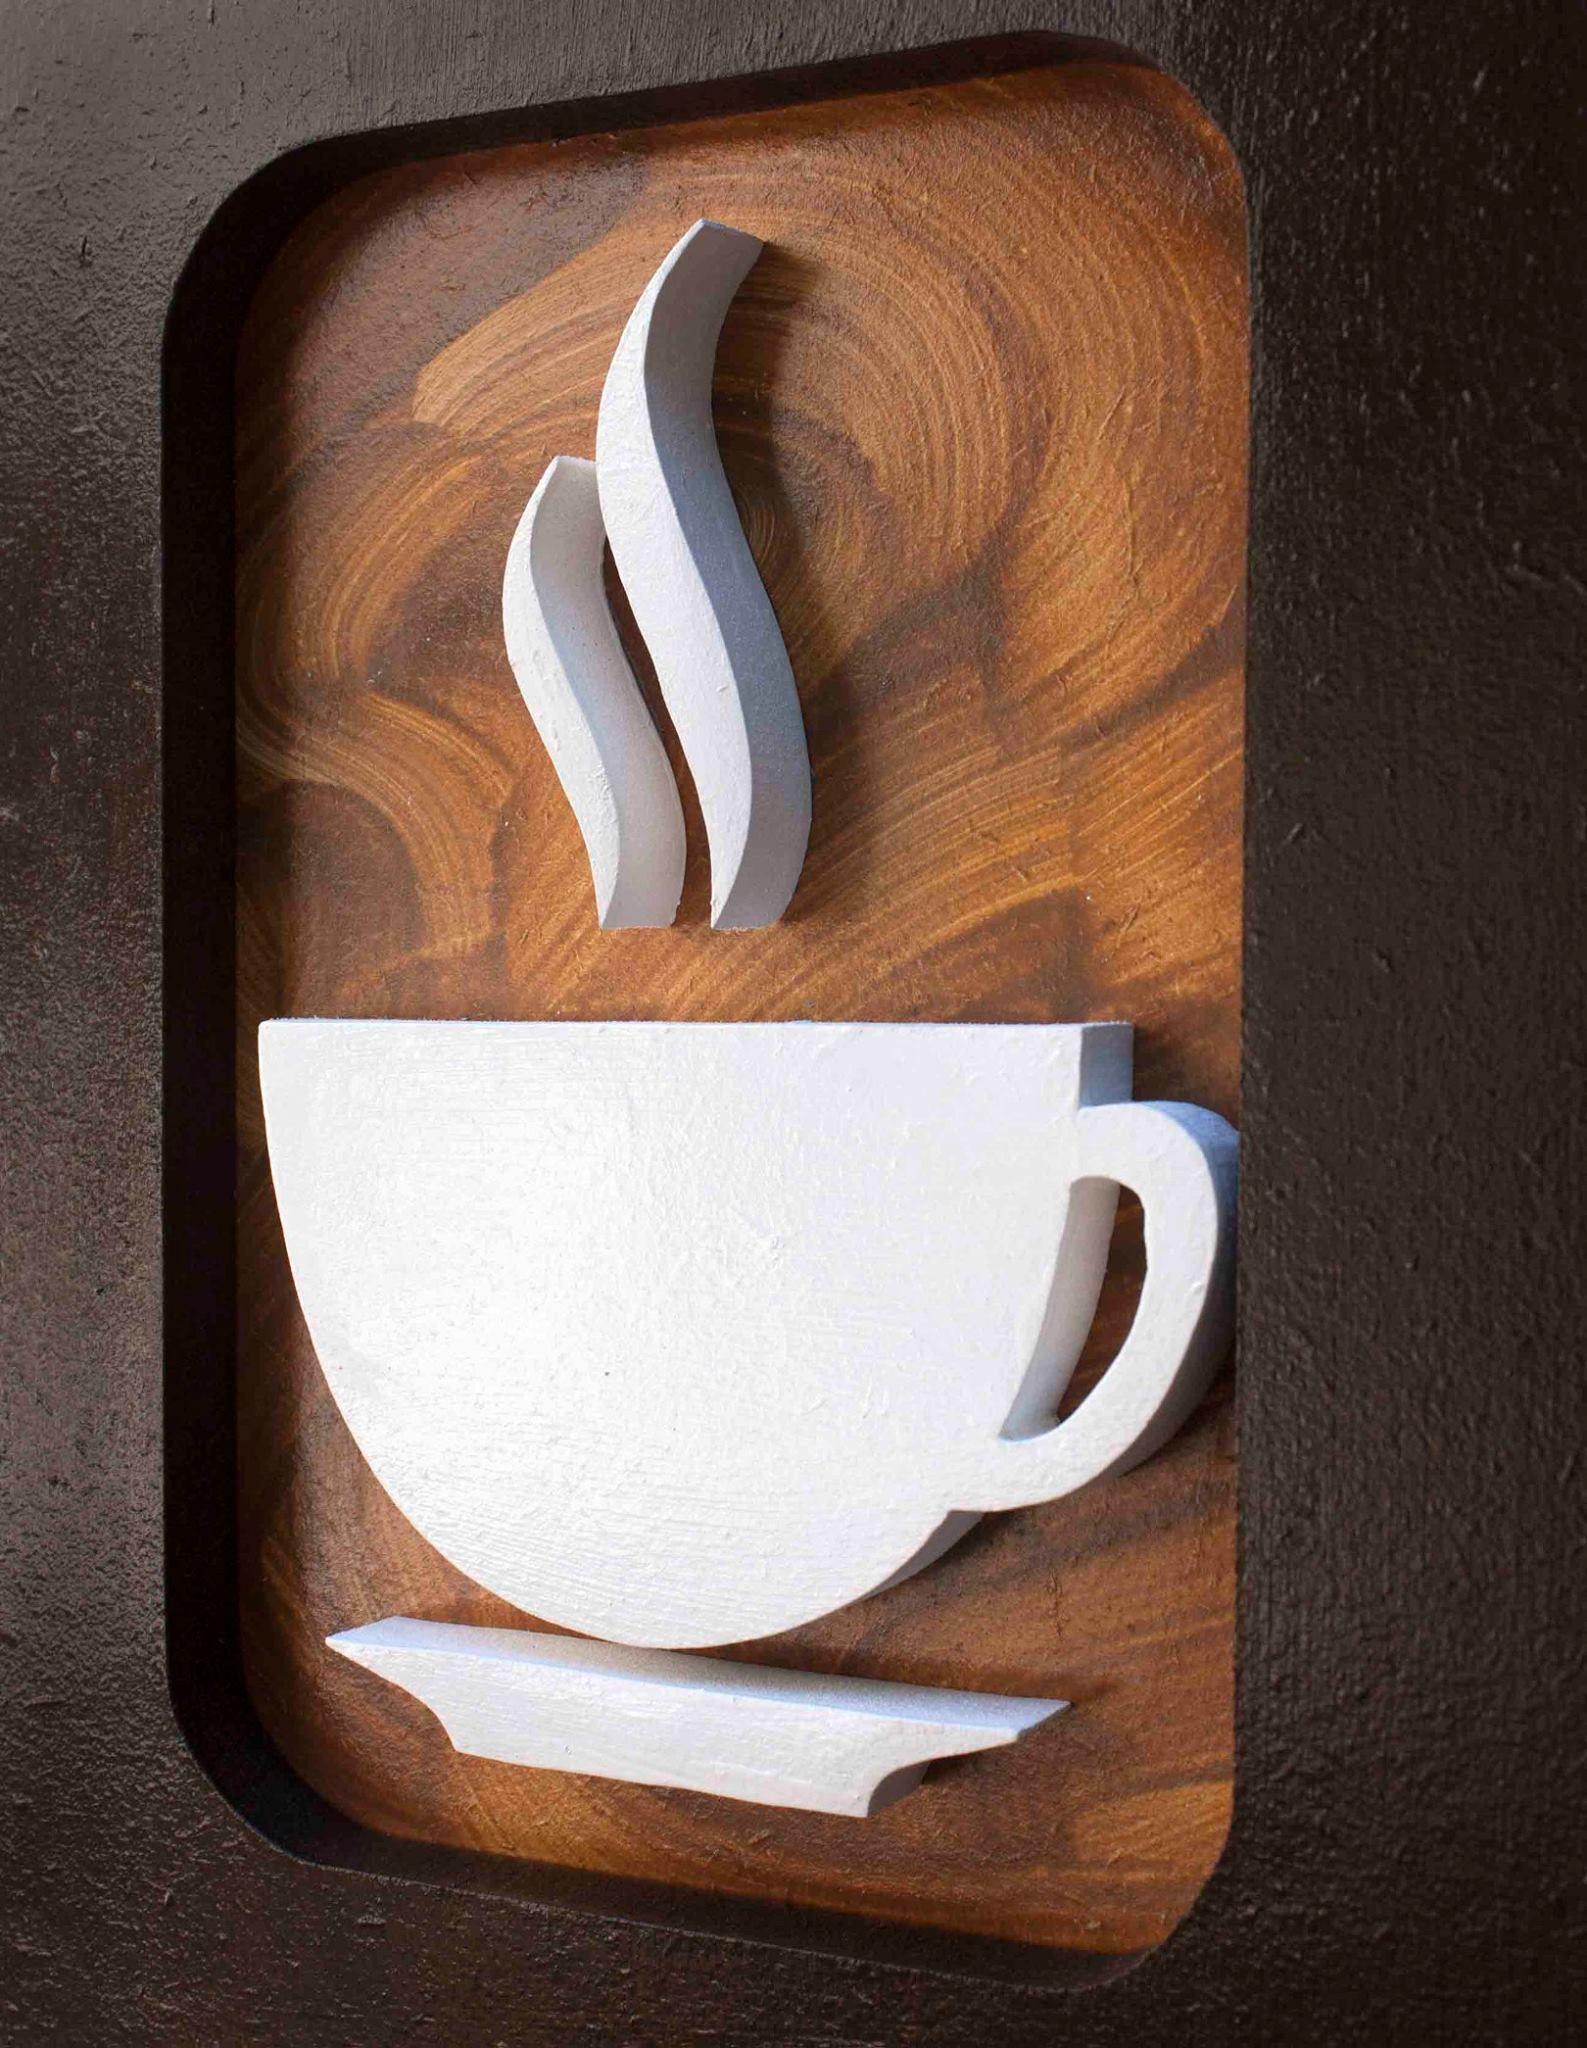 Quadros Decorativo Cozinha Caf Mdf Trio 30x30cm